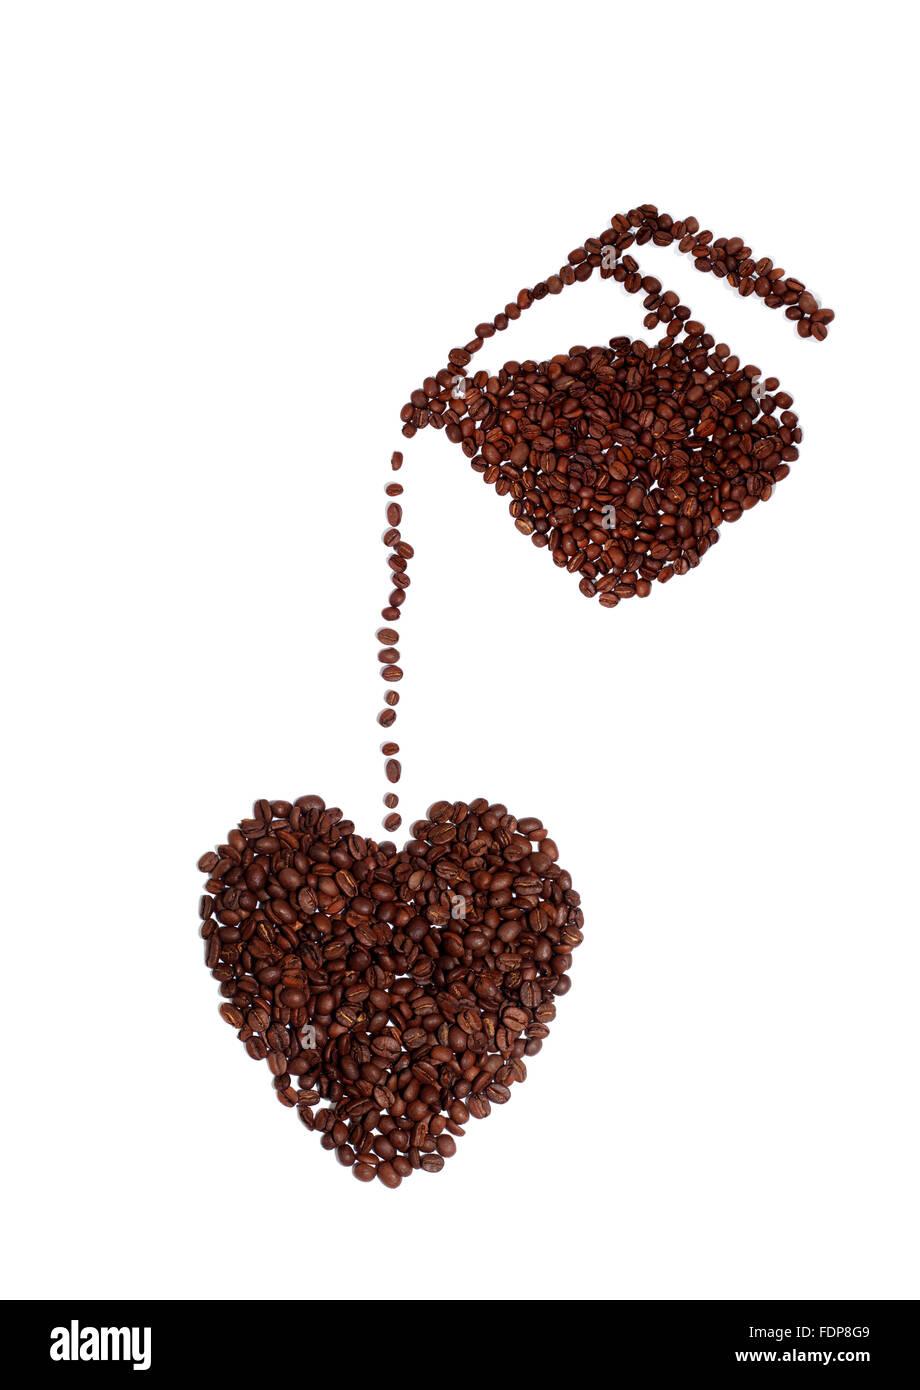 Portrait d'un amoureux de café's coeur fait de grains de café Photo Stock